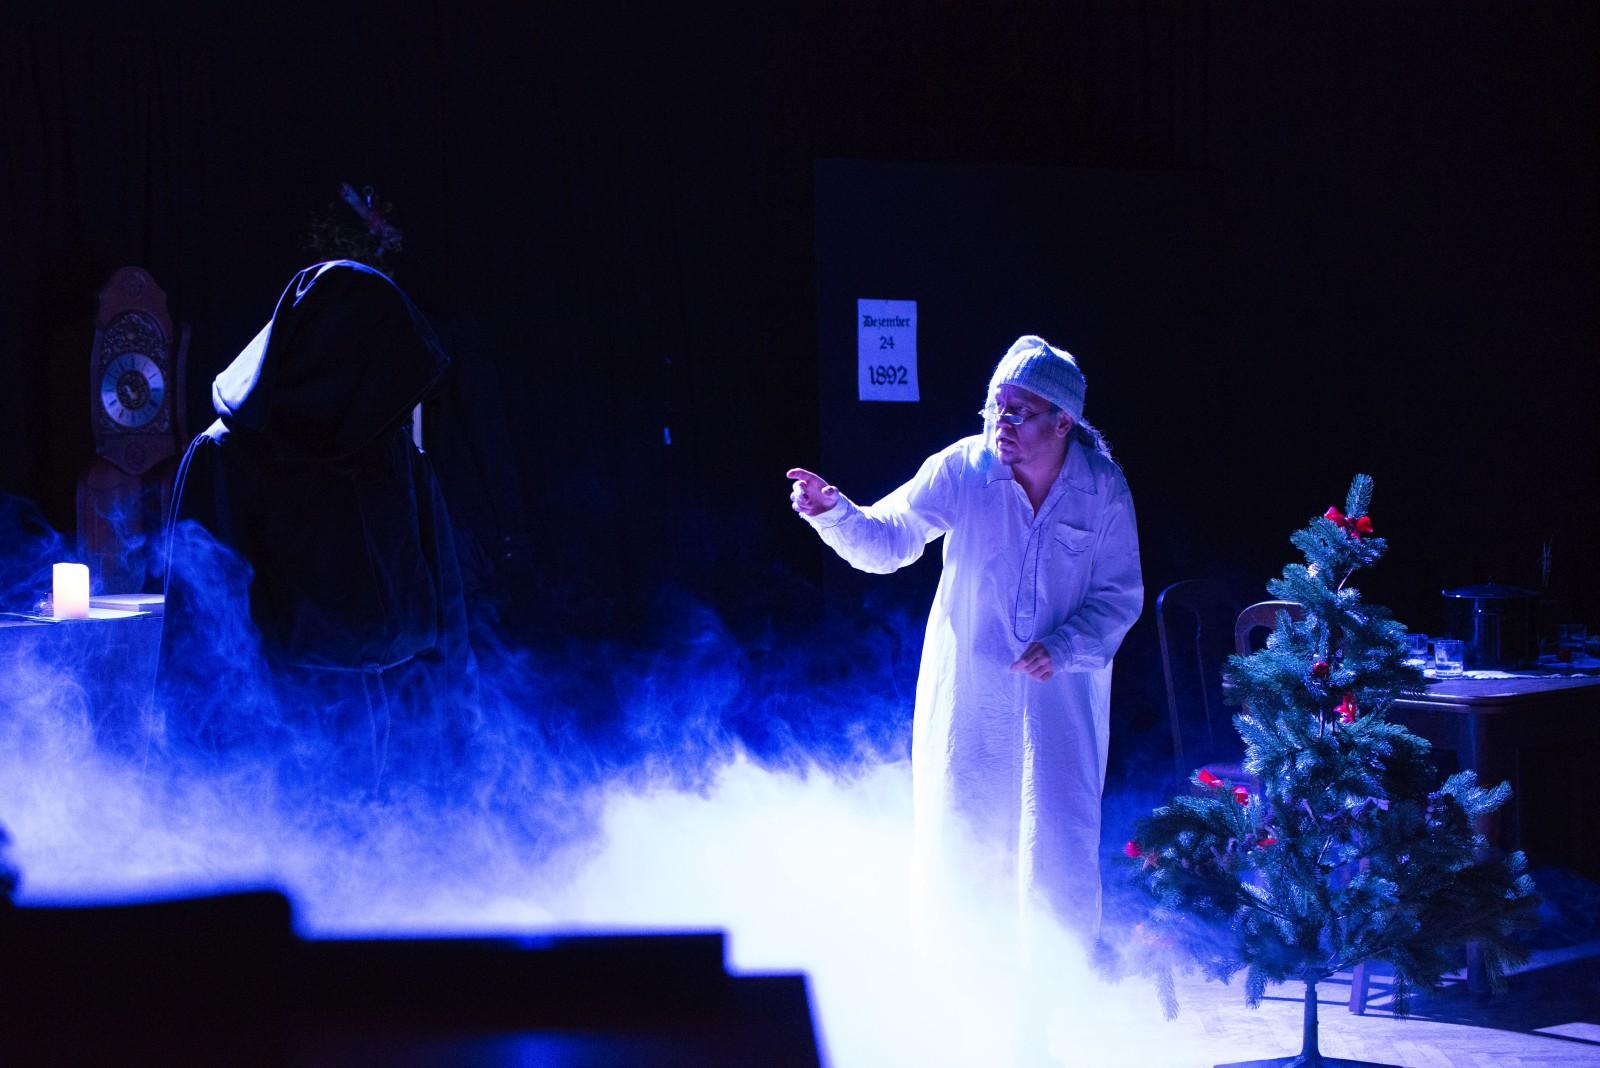 2019: Geist in Fröhliche Weihnachten, Mr. Scrooge